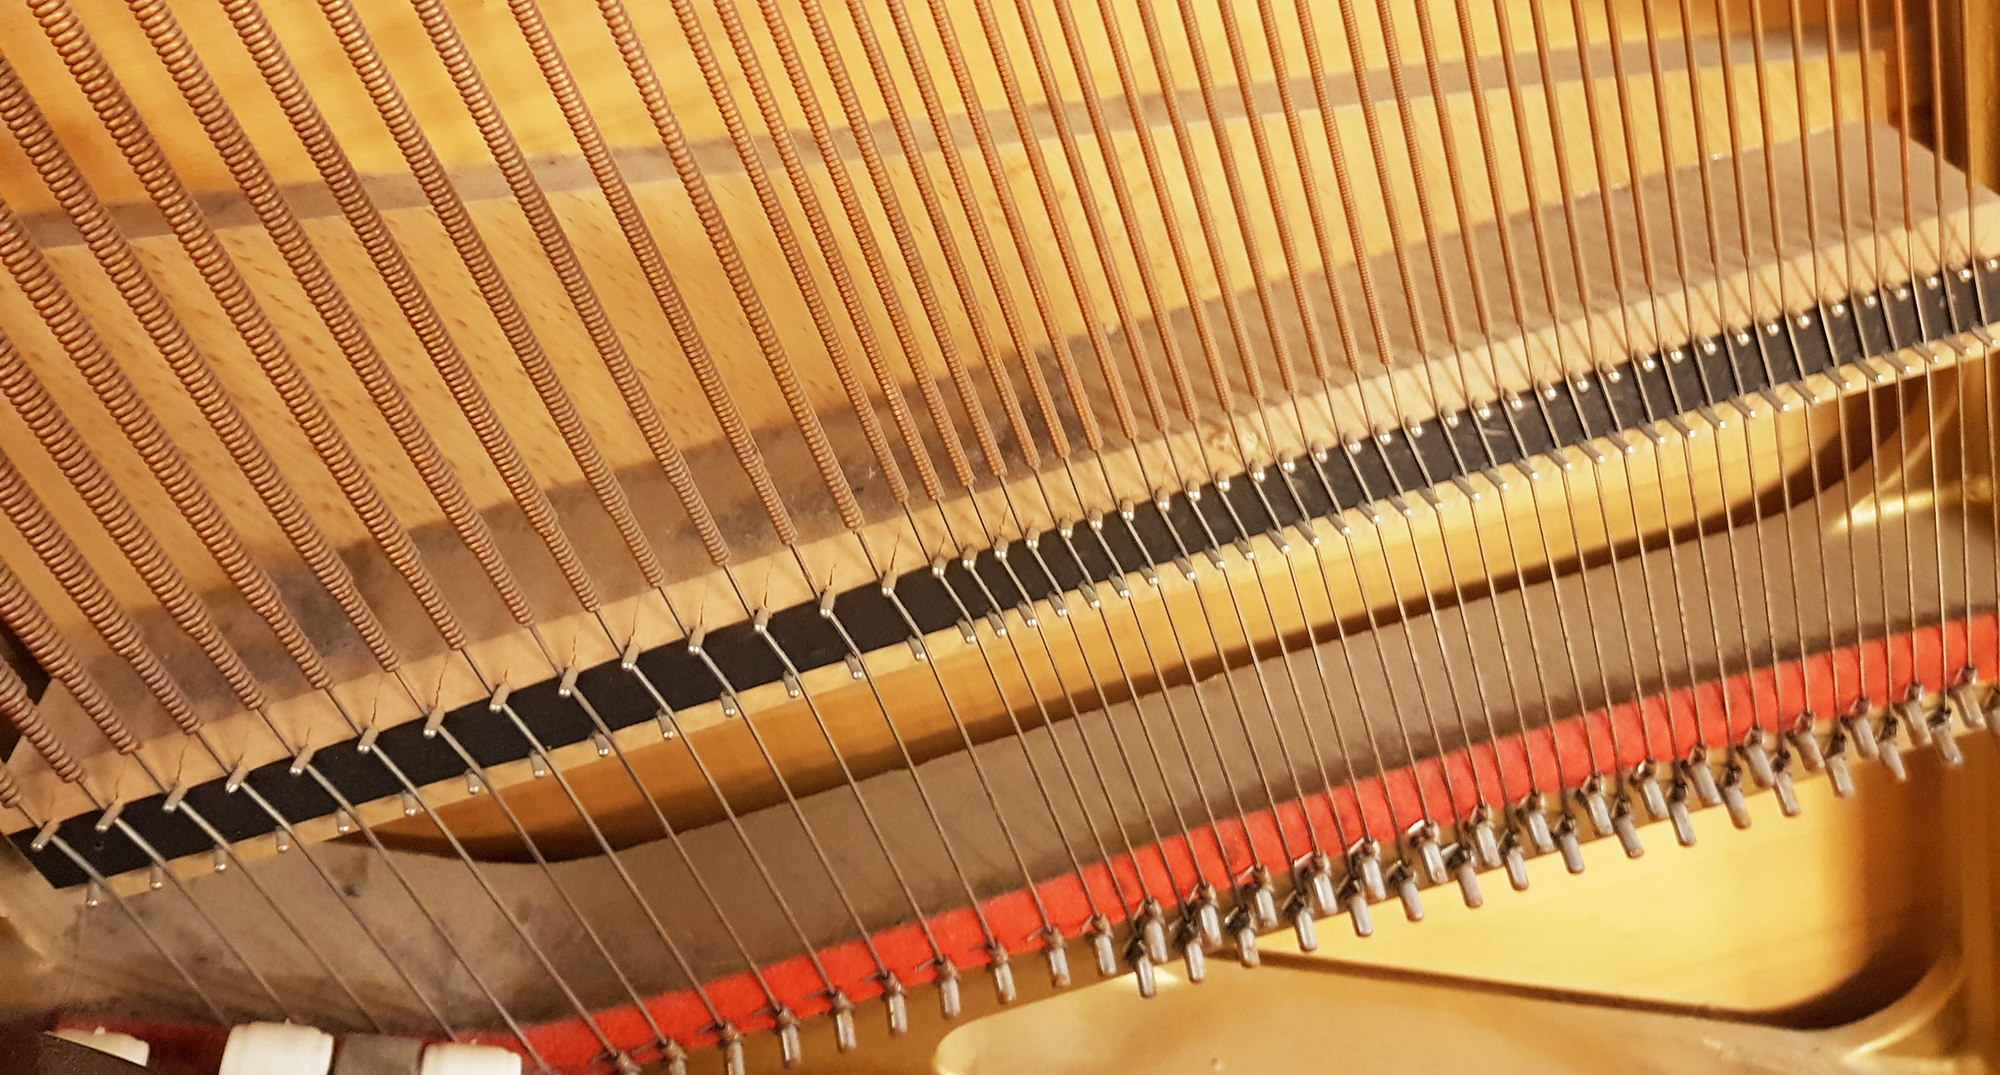 Nordiska Piano Classica Modell 115